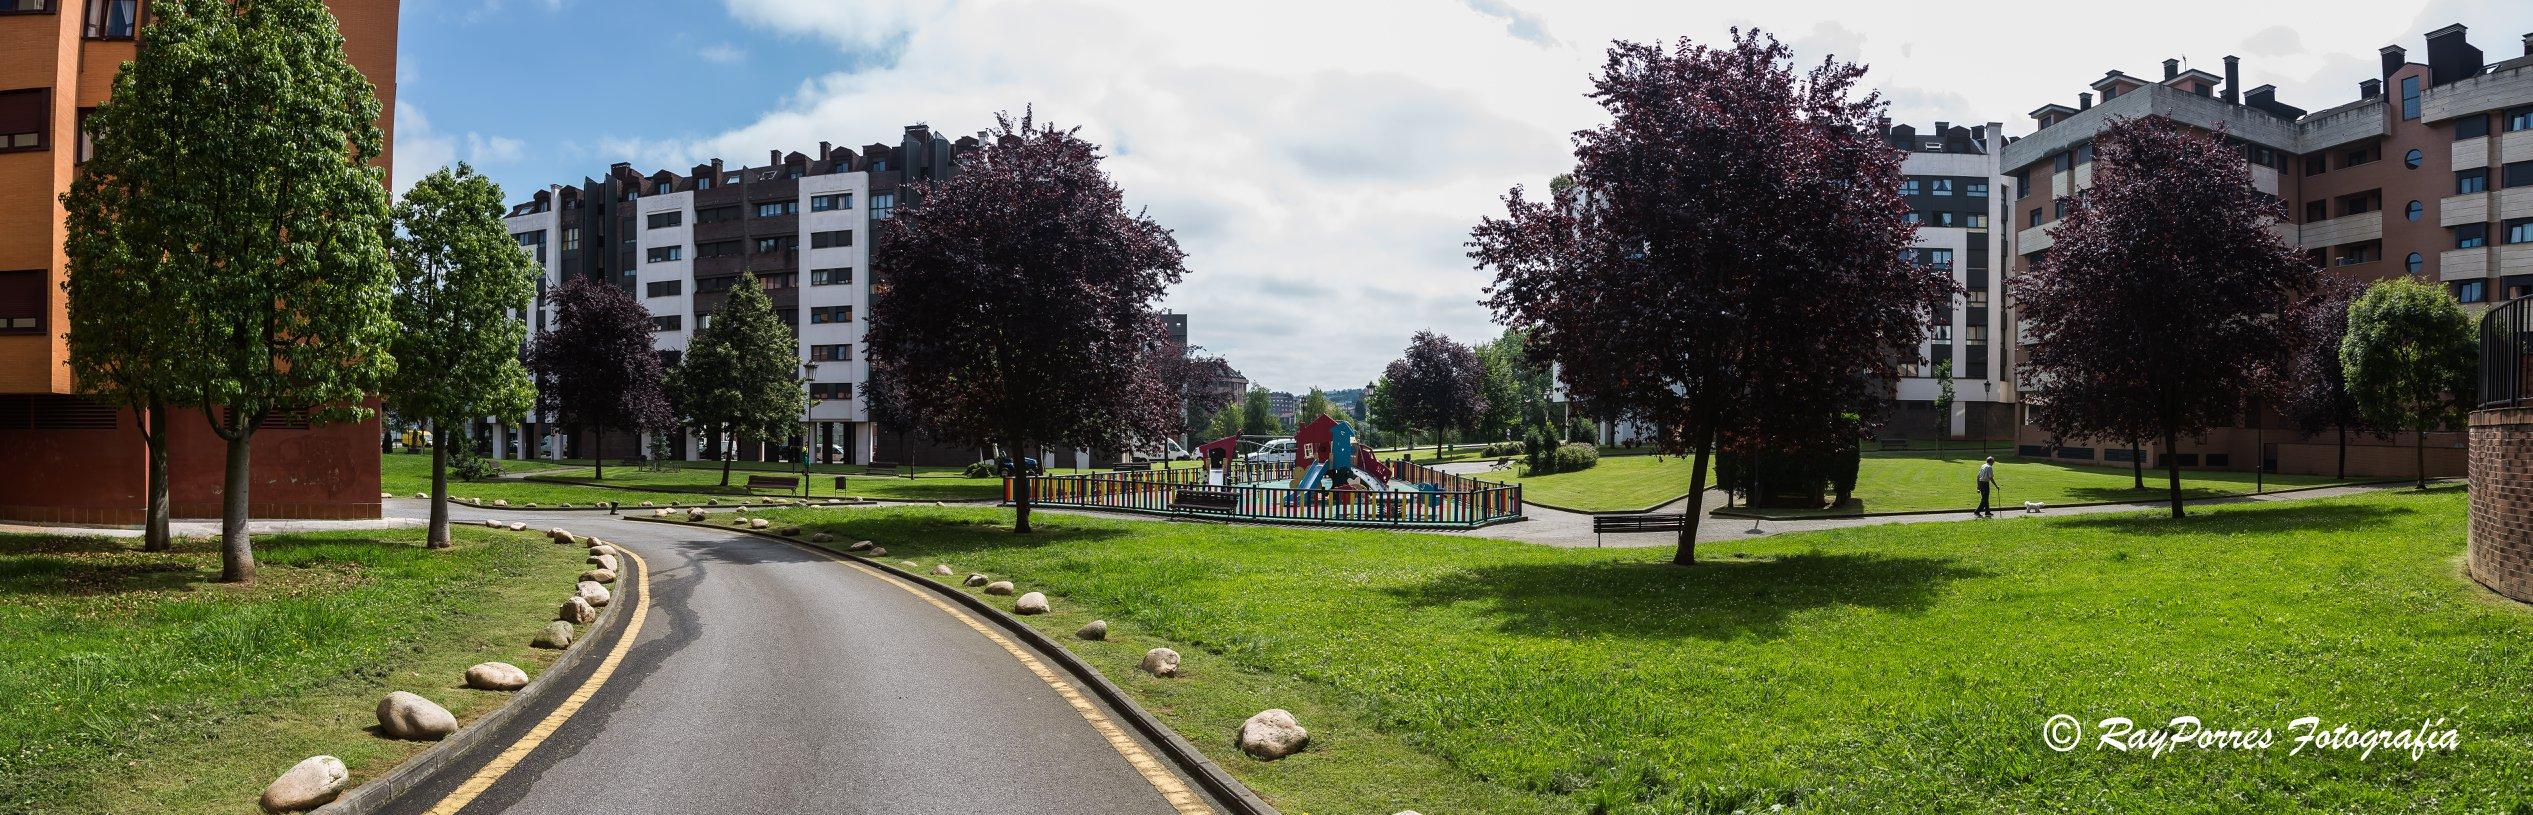 Plaza del Desarme en Oviedo